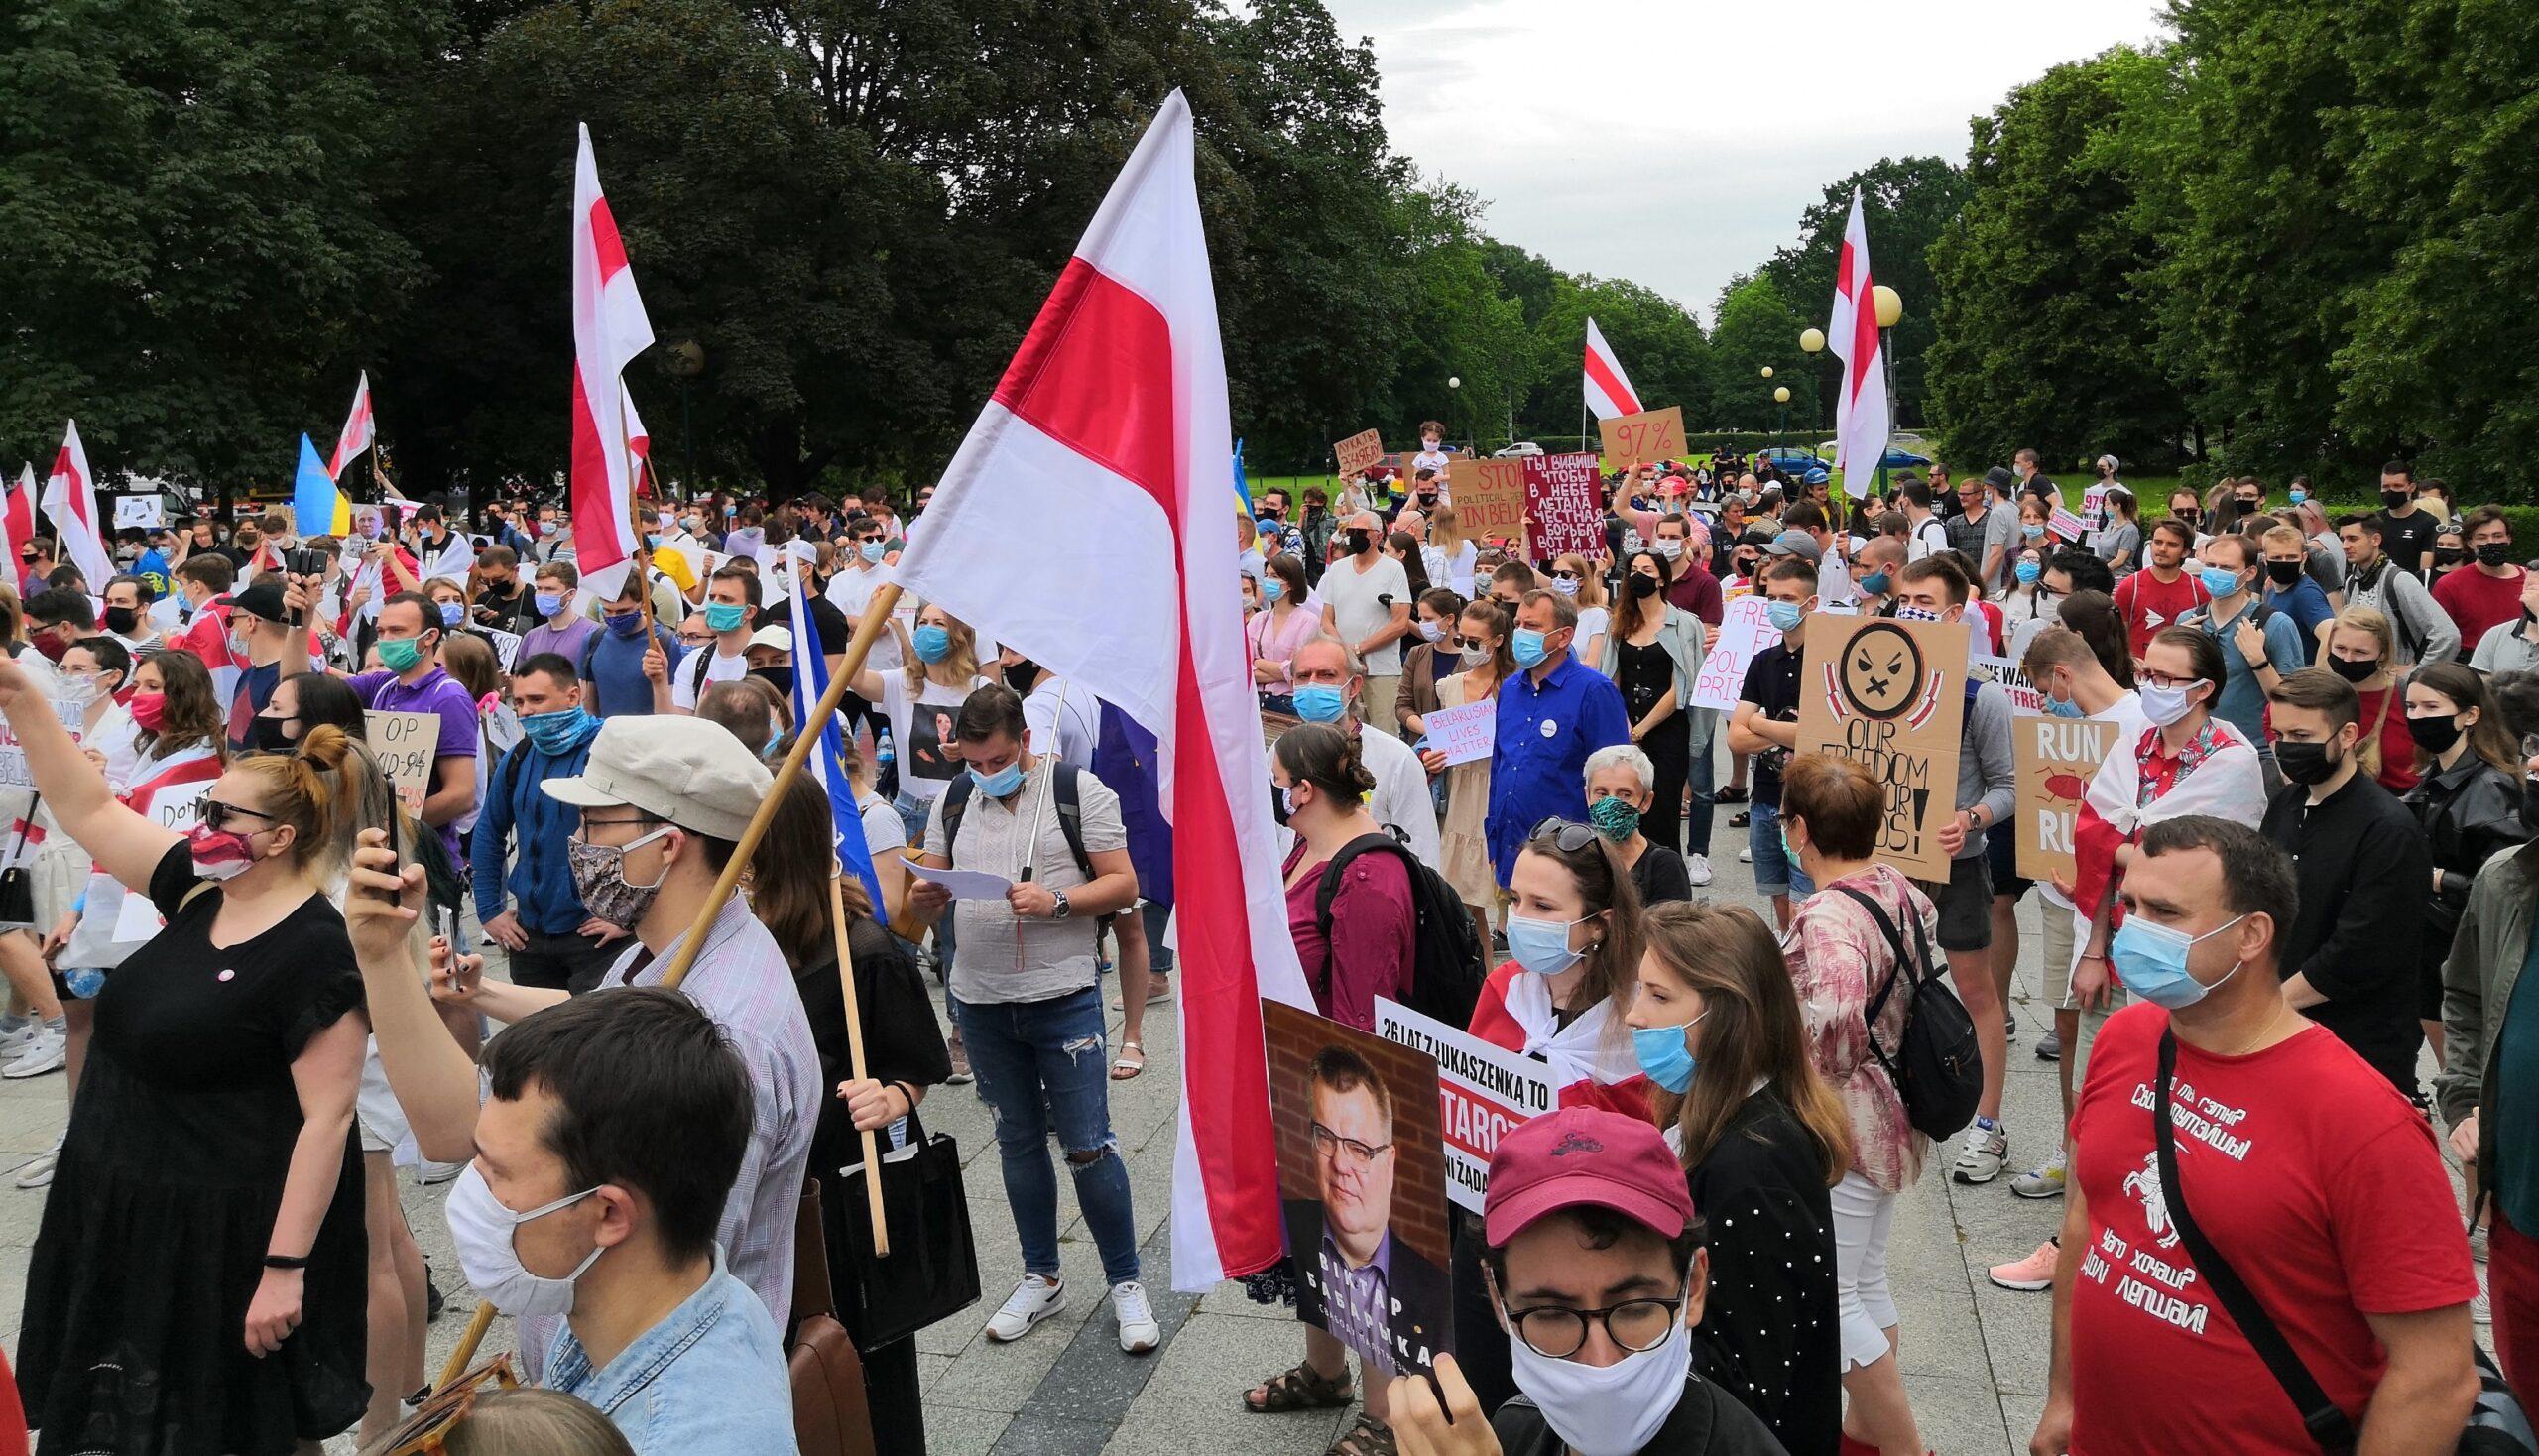 Białoruski protest i żywy łancuch w Warszawie przeciwko Łukaszence. Spłonęła rosyjska flaga.